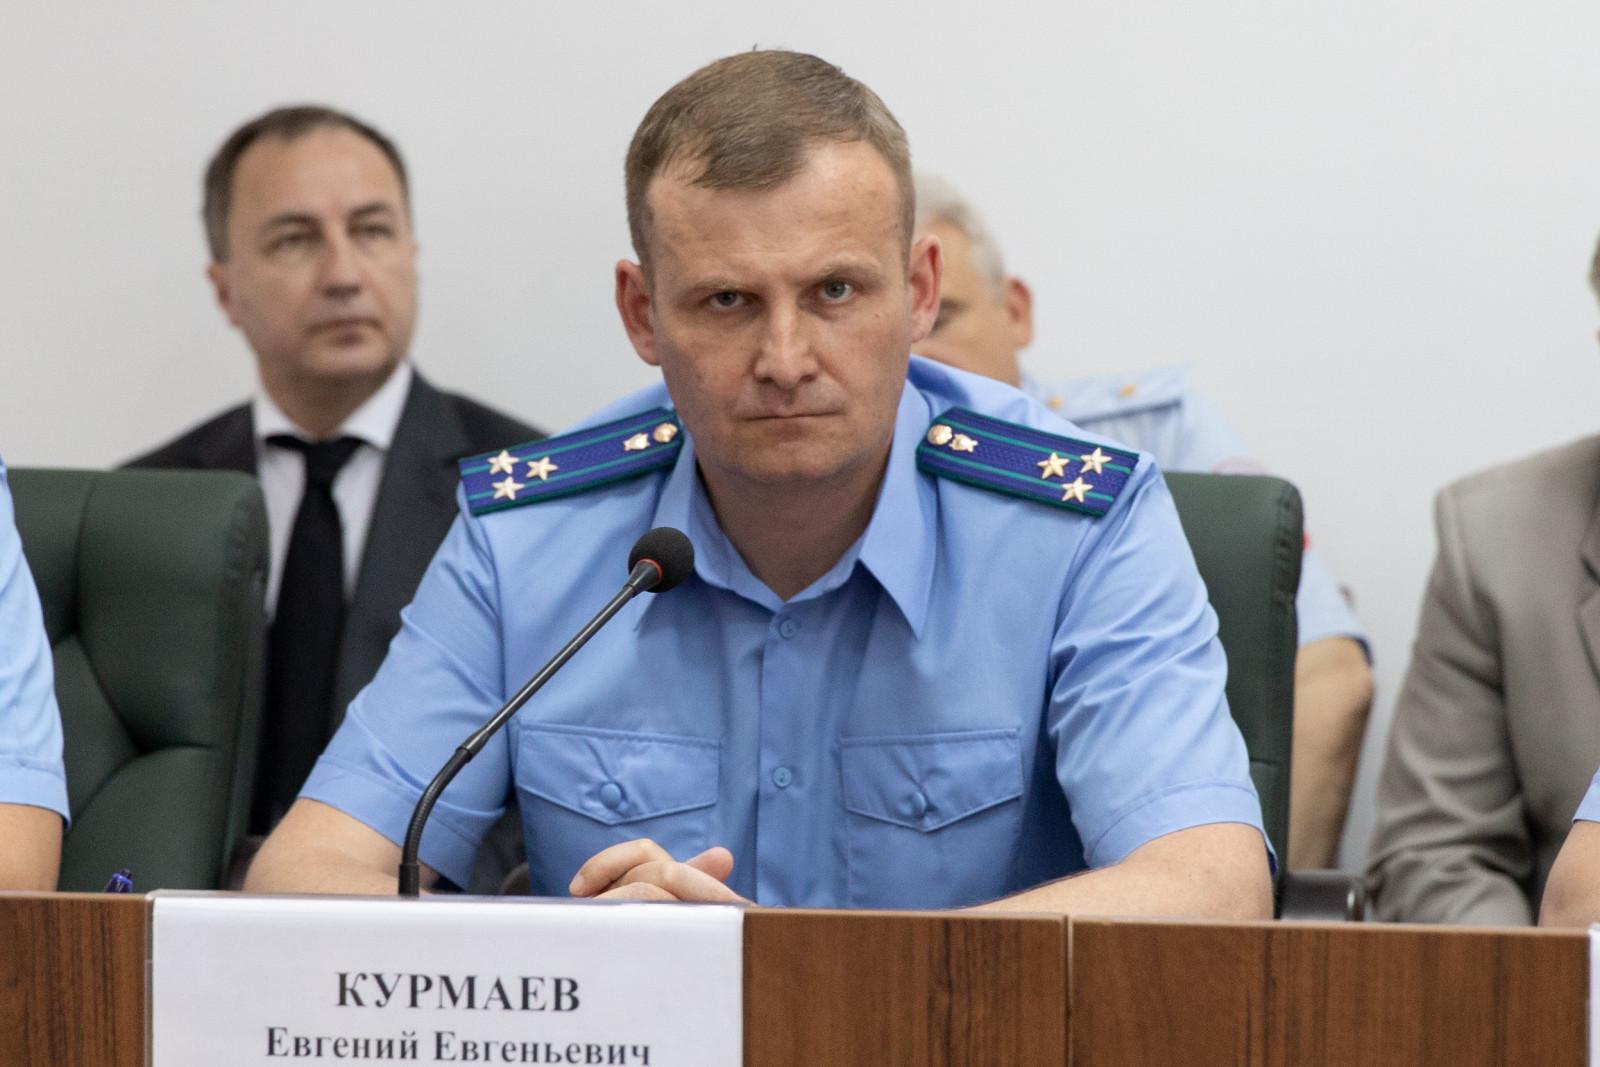 Представлен новый прокурор Республики Калмыкия